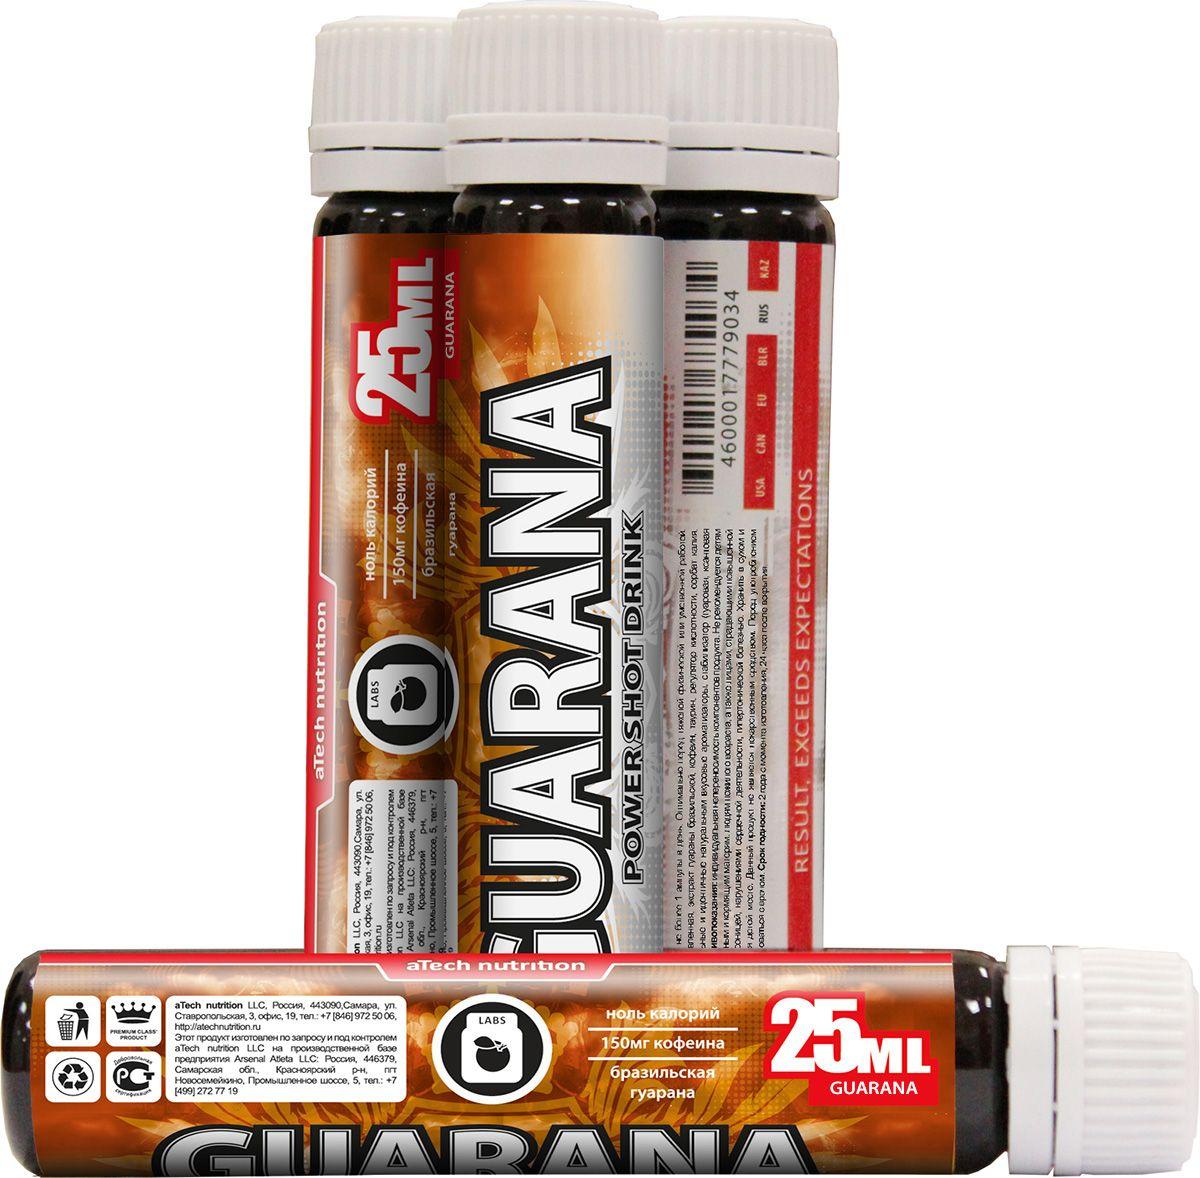 Энергетический напиток aTech Nutrition Guarana Power Shot Drink, гуарана, 25 мл4630019671159Мощный энергетический комплекс от aTech Nutrition в удобной упаковке по 25 мл. Одна ампула содержит 150 мг кофеина, в том числе из гуараны бразильской .В ее состав входит экстракт Гуараны Бразильской – натуральный источник связанного кофеина. В отличии от синтетического кофеина, натуральный кофеин усваивается плавно и не вызывает резкого подъема давления, перевозбуждения, усиленного сердцебиения. Так же в плодах Гуараны Бразильской, в отличие от синтетической, содержатся дубильные вещества, сапонины, амид, цинк, натрий, марганец, магний, теобромин, теофиллин, витамины PP, E, B1, B2, A.Входящий в состав продукта таурин усиливает действие Гуараны, а так же способствует улучшению кровообращения и метаболизму сердца, благотворно влияет на сосуды, костную ткань, улучшает память, зрение, укрепляет иммунитет. Принимая Guarana от aTech nutrition Вы стимулируете центральную нервную систему, повышаете работоспособность и улучшаете выносливость. Состав: вода подготовленная, экстракт гуараны бразильской, кофеин, таурин, регулятор кислотности, сорбат калия, пищевой краситель, натуральные и идентичные натуральным вкусовые ароматизаторы, стабилизатор (гуаровая, ксантовая камедь), подсластитель.